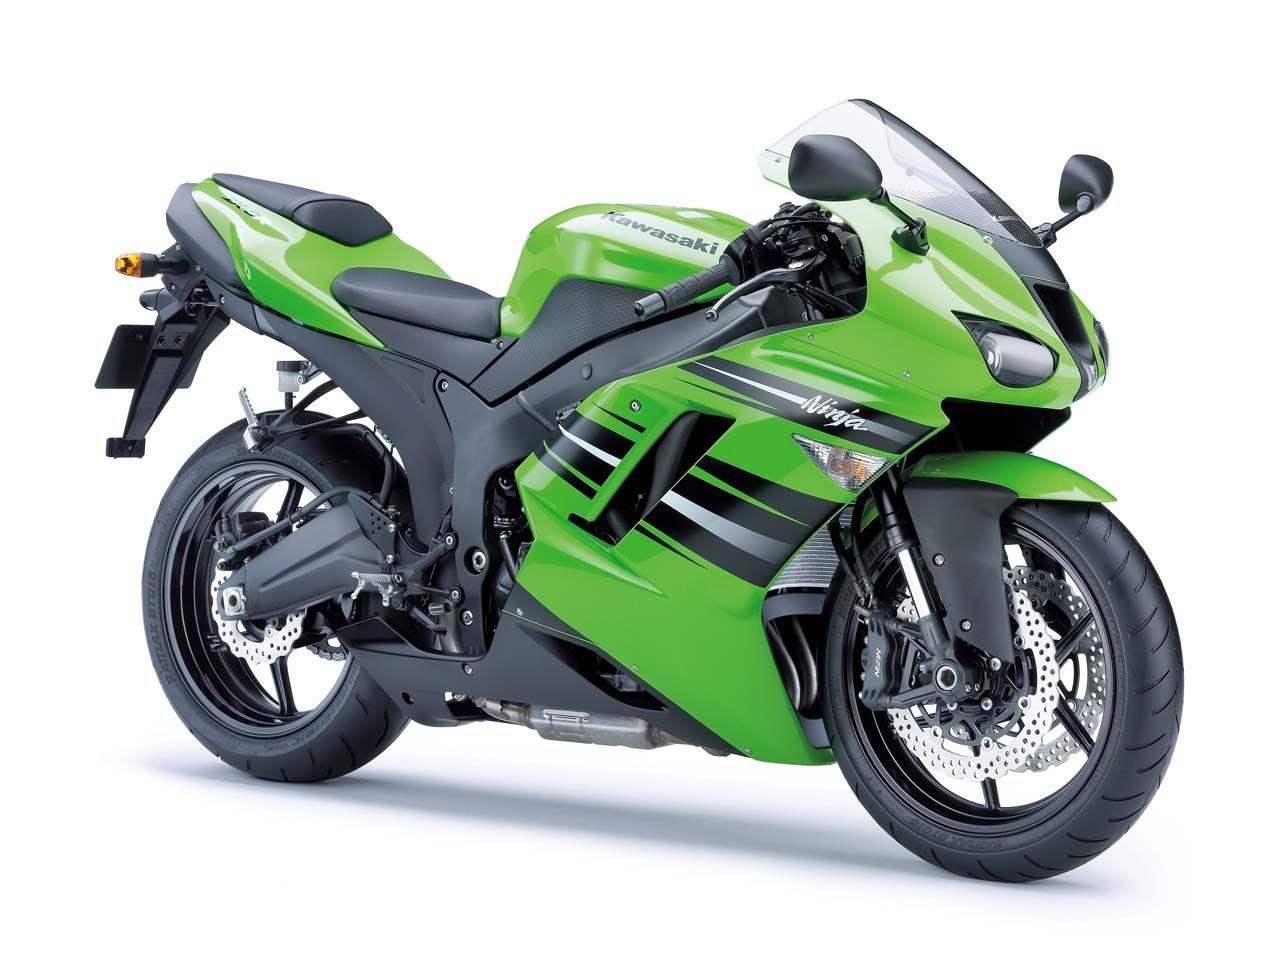 kawasaki 3000cc - Google Search   motor bikes   Kawasaki